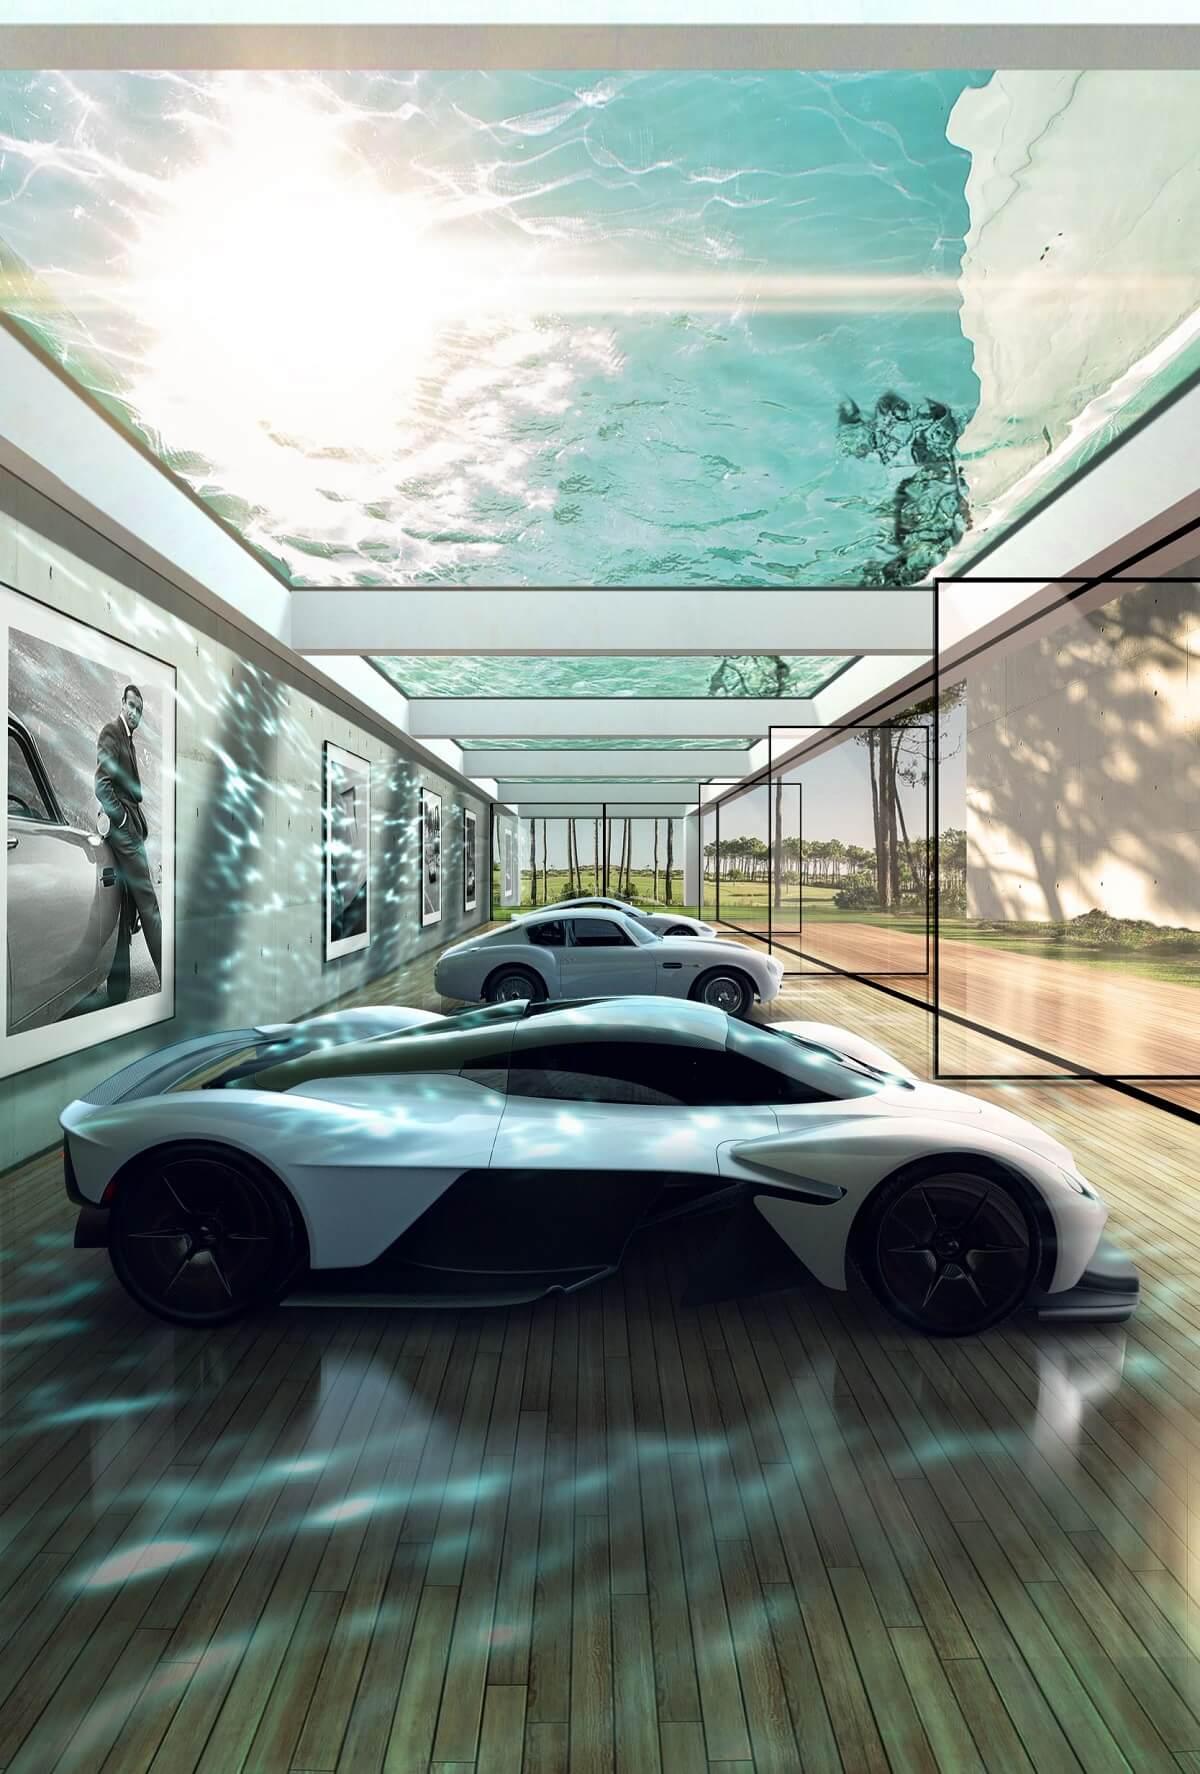 Aston-Martin-Automotive-Galleries-2.jpg